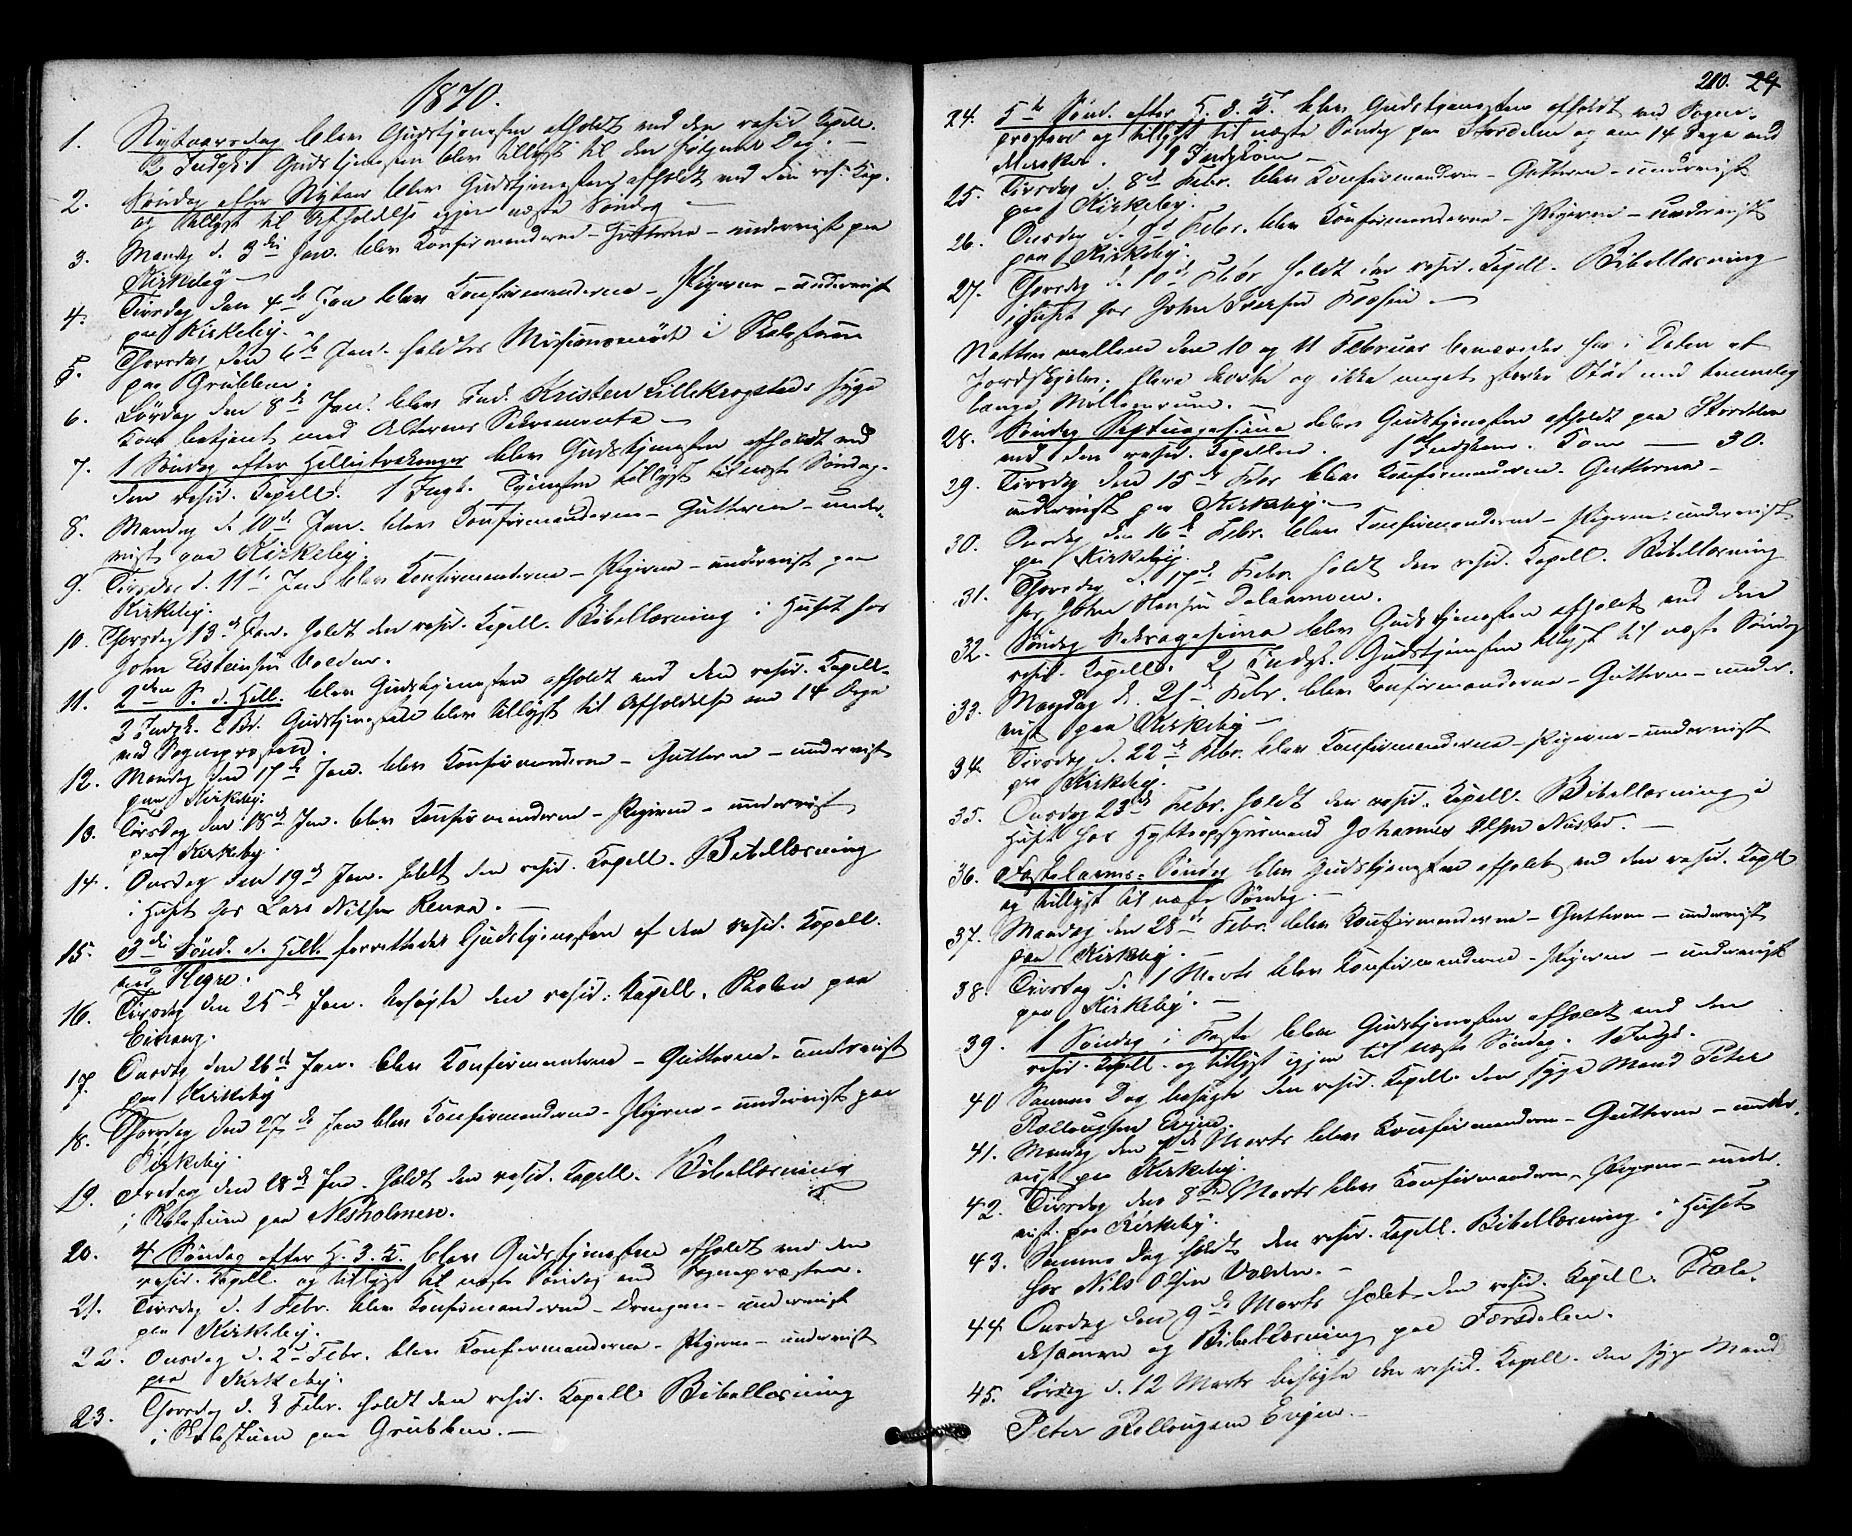 SAT, Ministerialprotokoller, klokkerbøker og fødselsregistre - Nord-Trøndelag, 706/L0041: Ministerialbok nr. 706A02, 1862-1877, s. 210